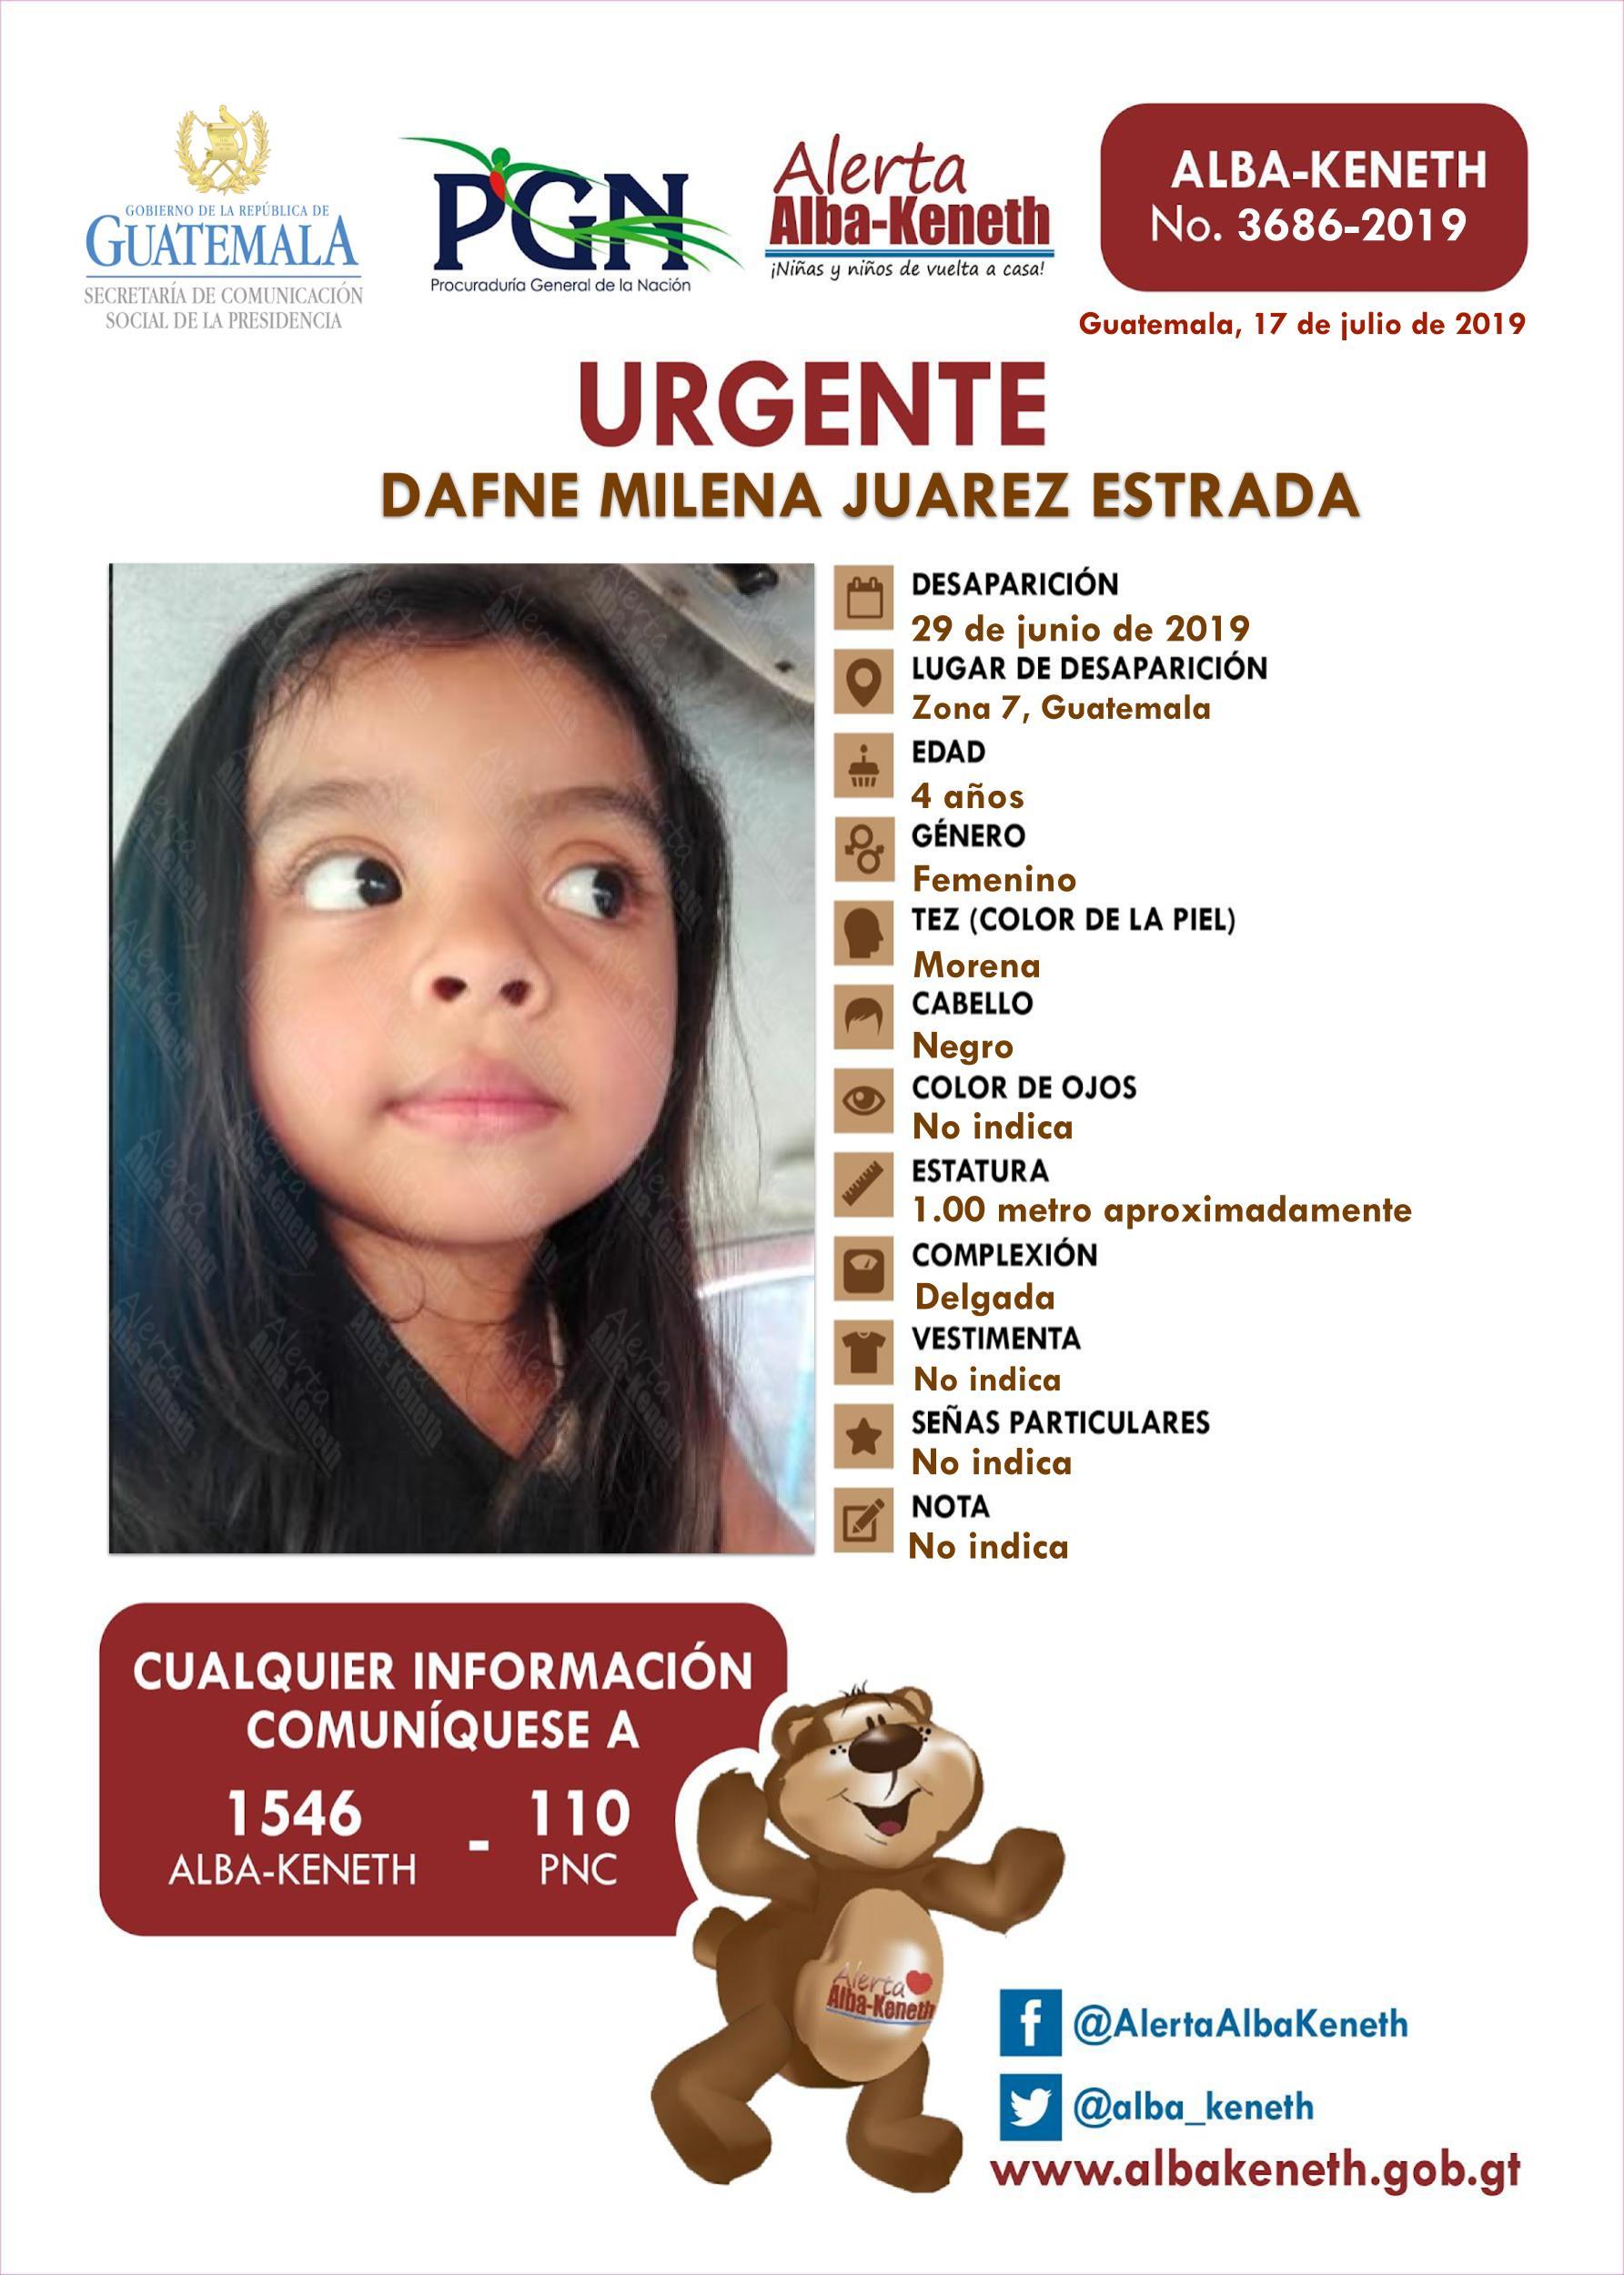 Dafne Milena Juarez Estrada